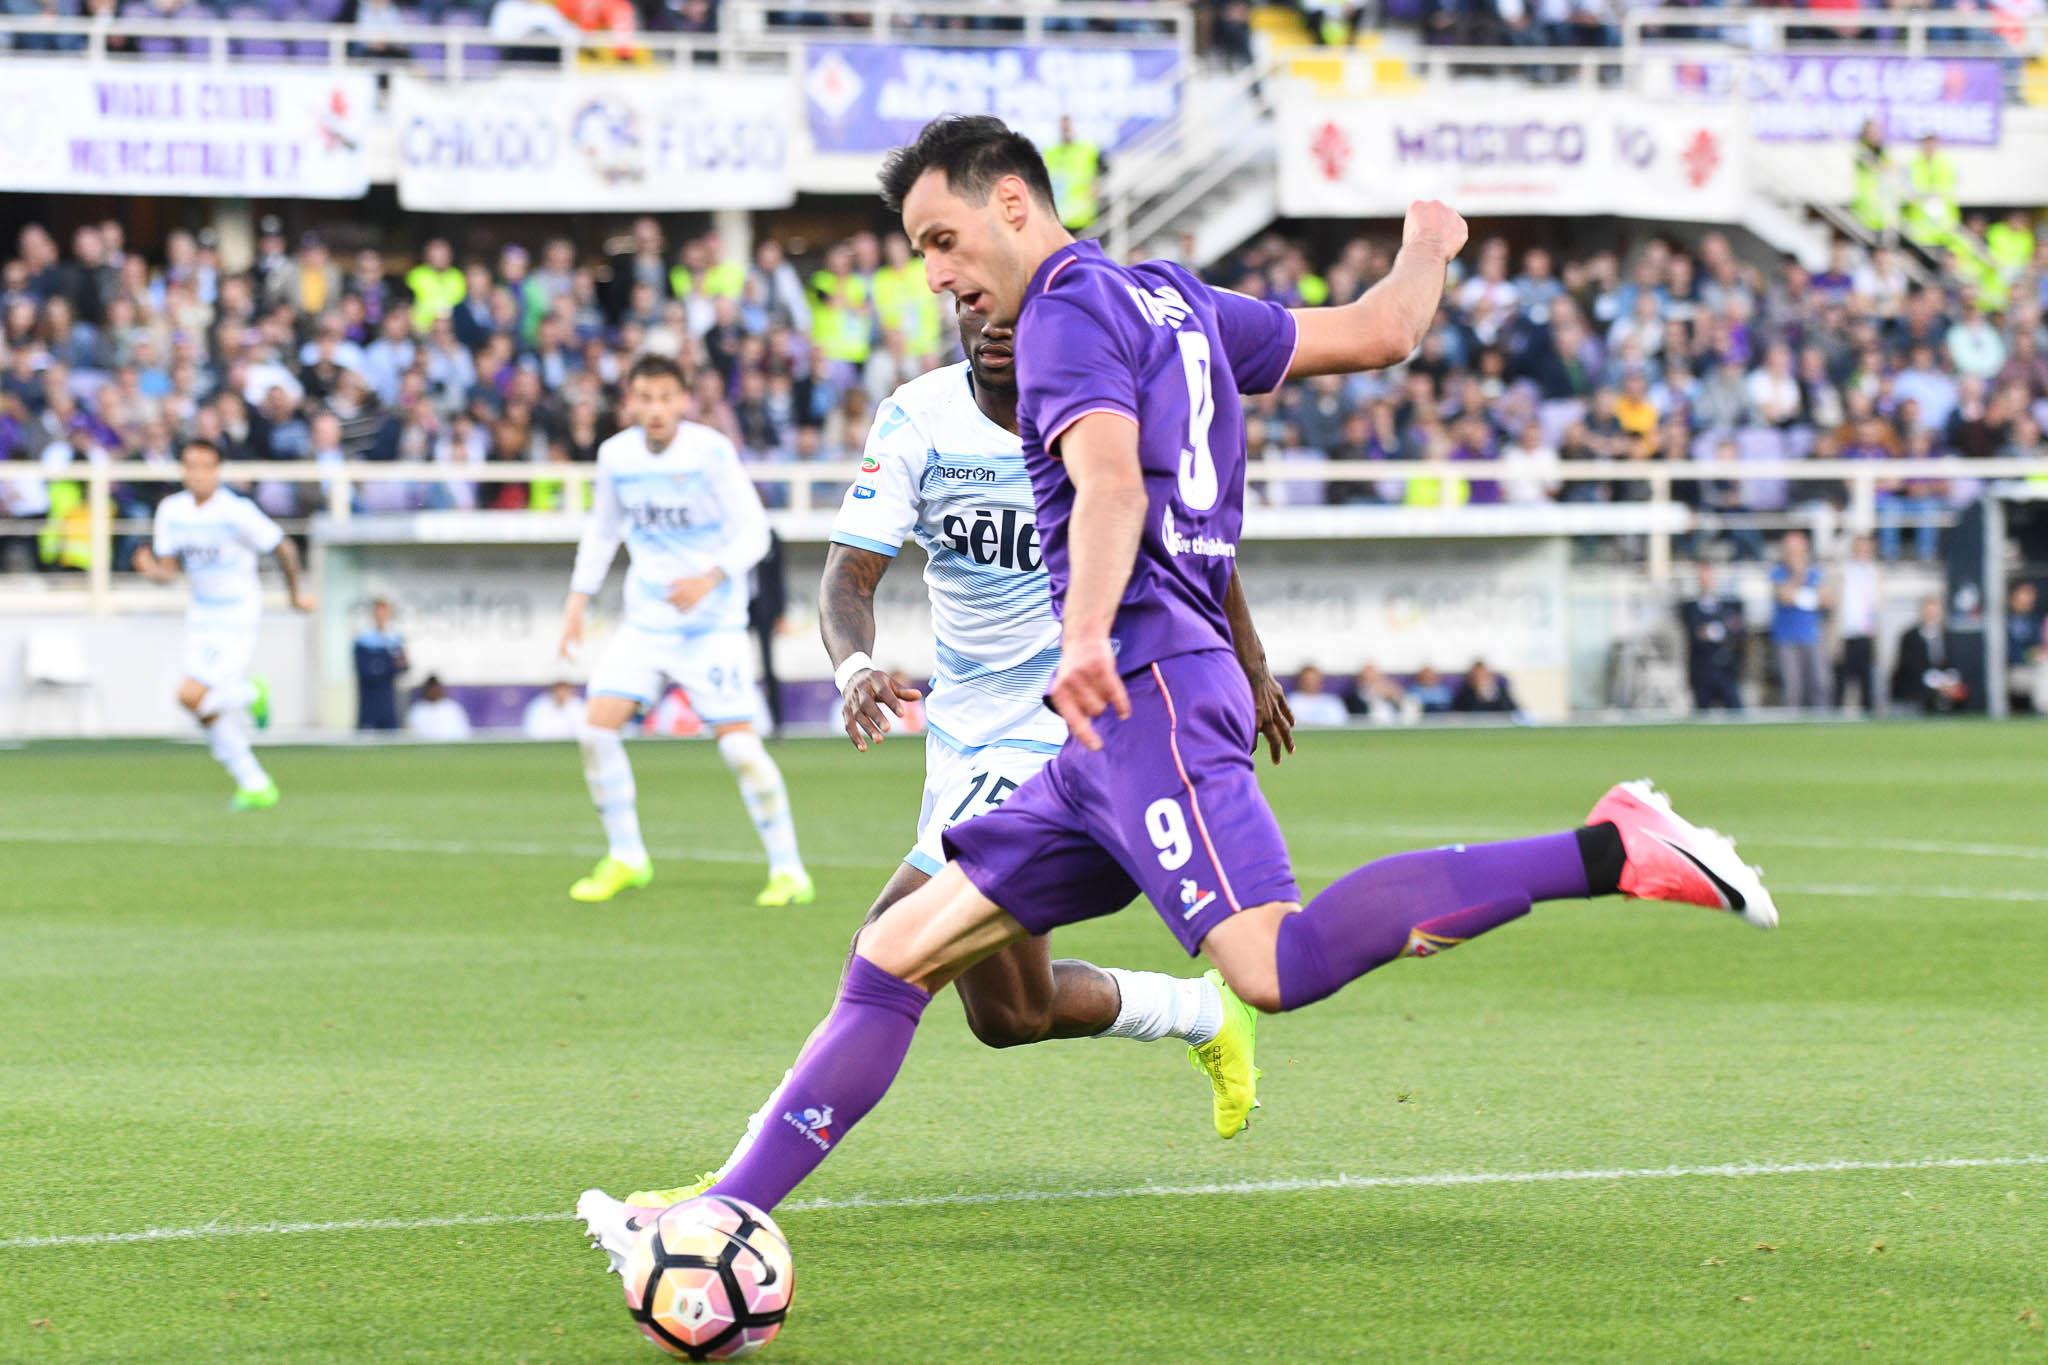 Per Kalinic la Fiorentina chiede 30 milioni cash, nessuna ipotesi di prestito con obbligo di riscatto